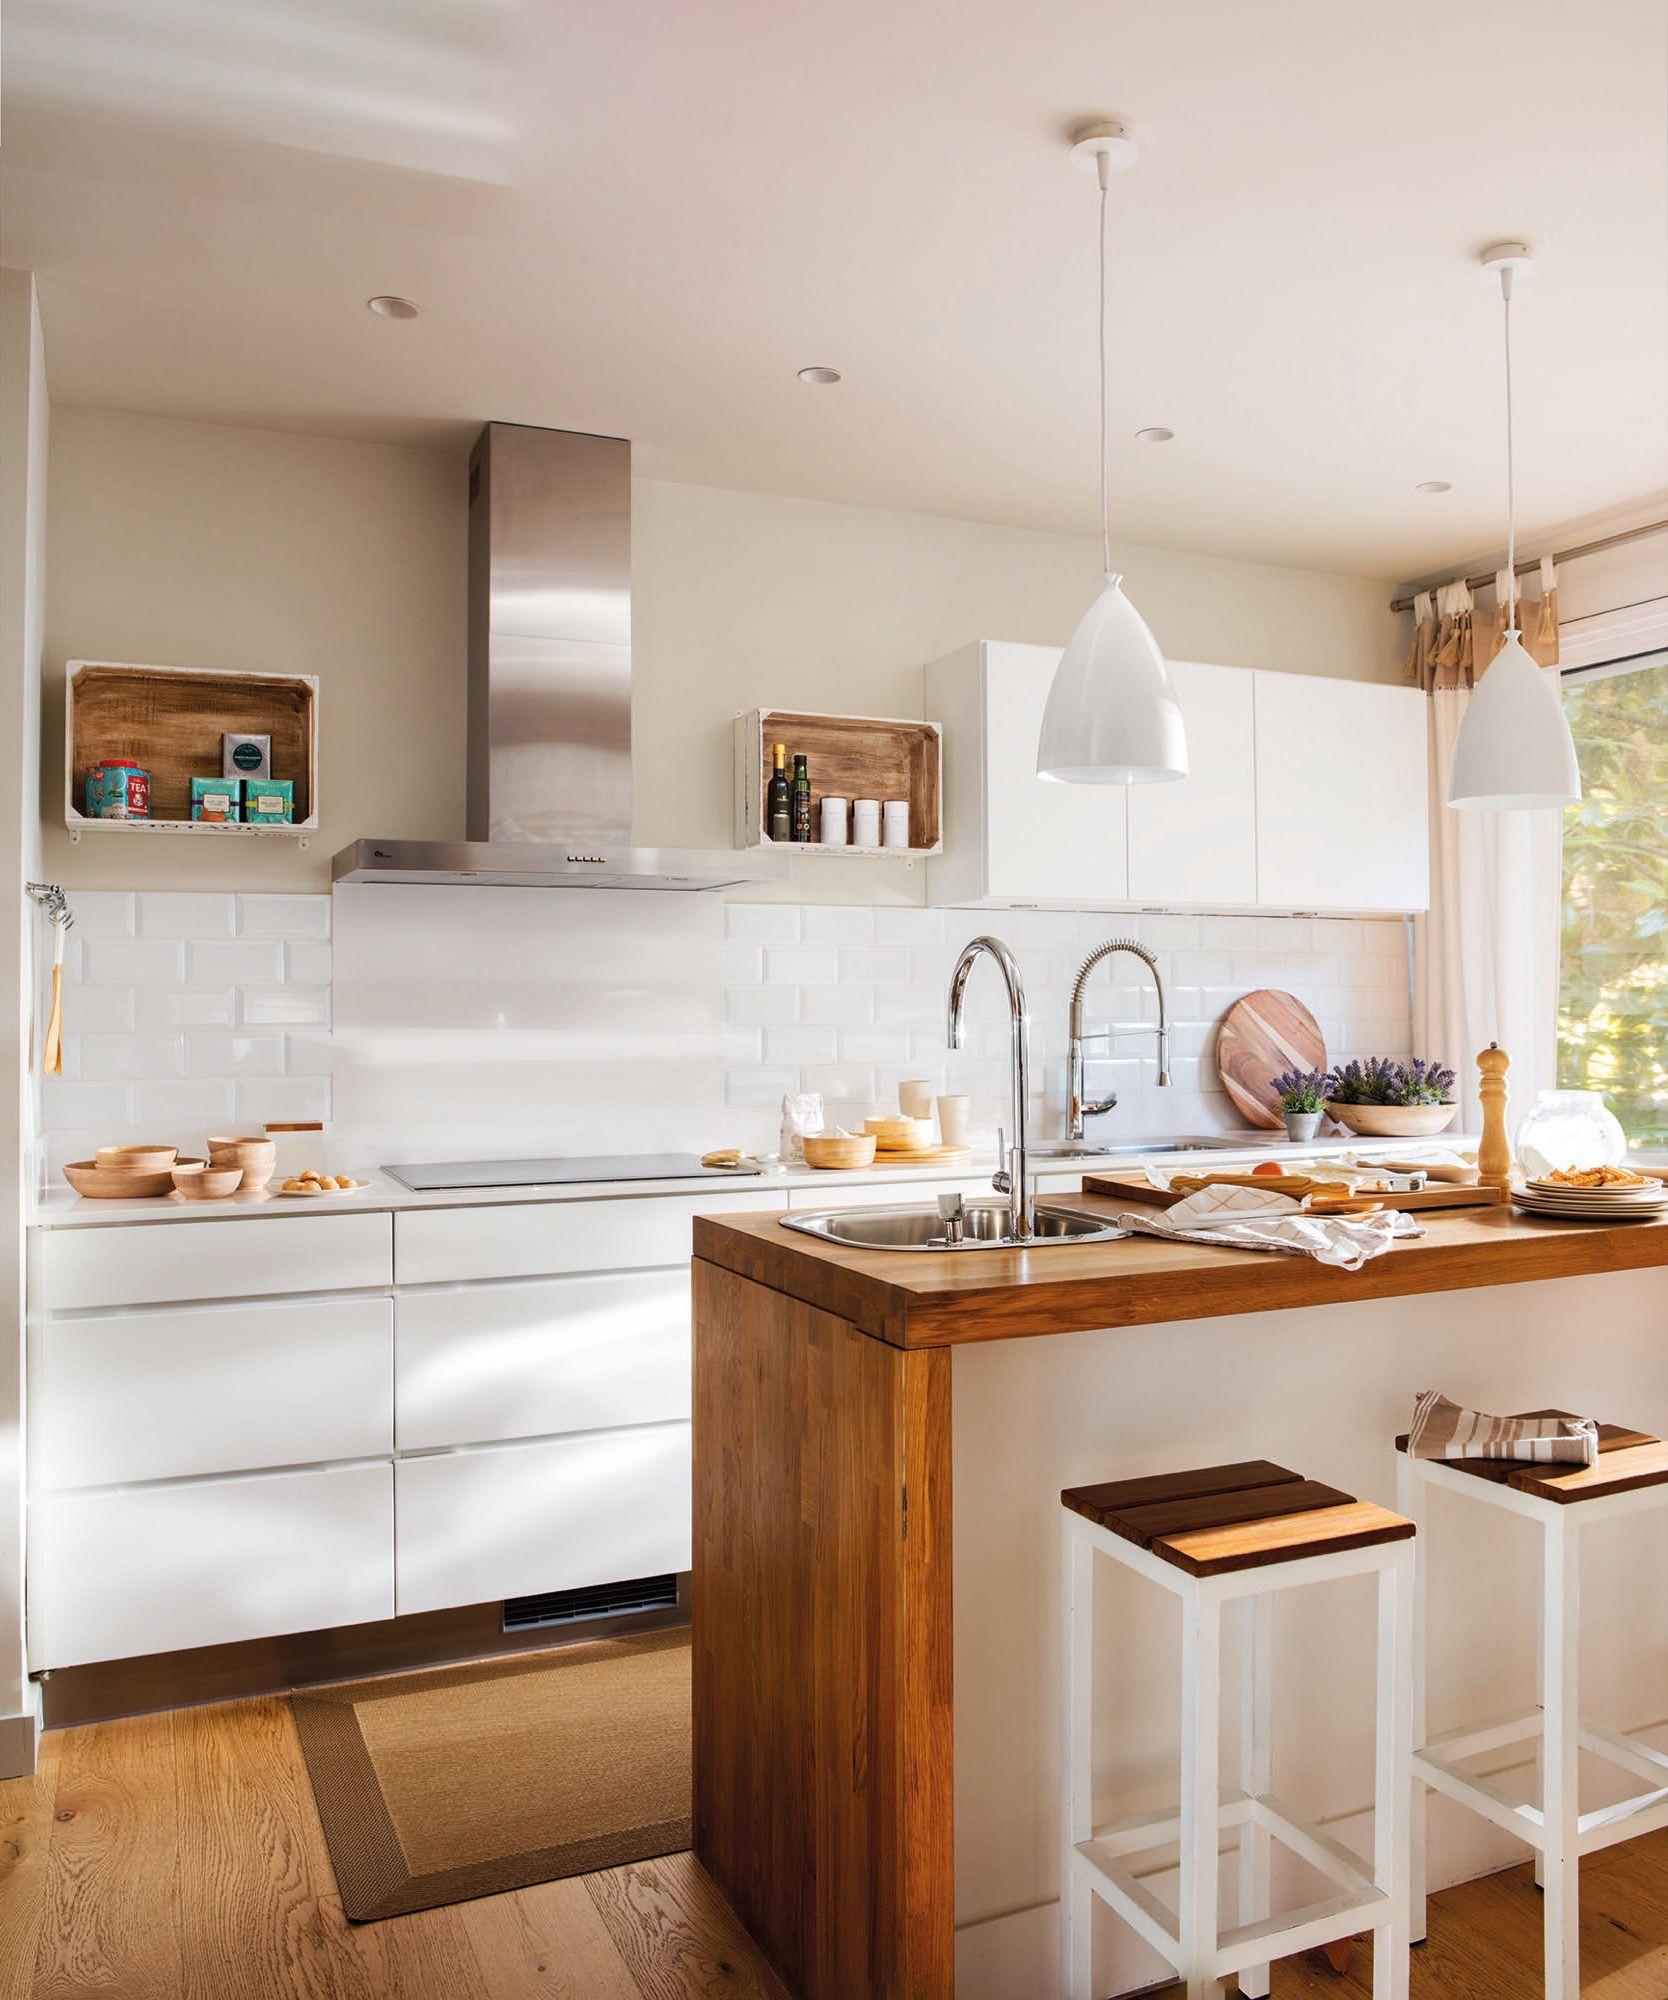 sillas con fibras naturales | Cocina con isla central, Cocina con ...